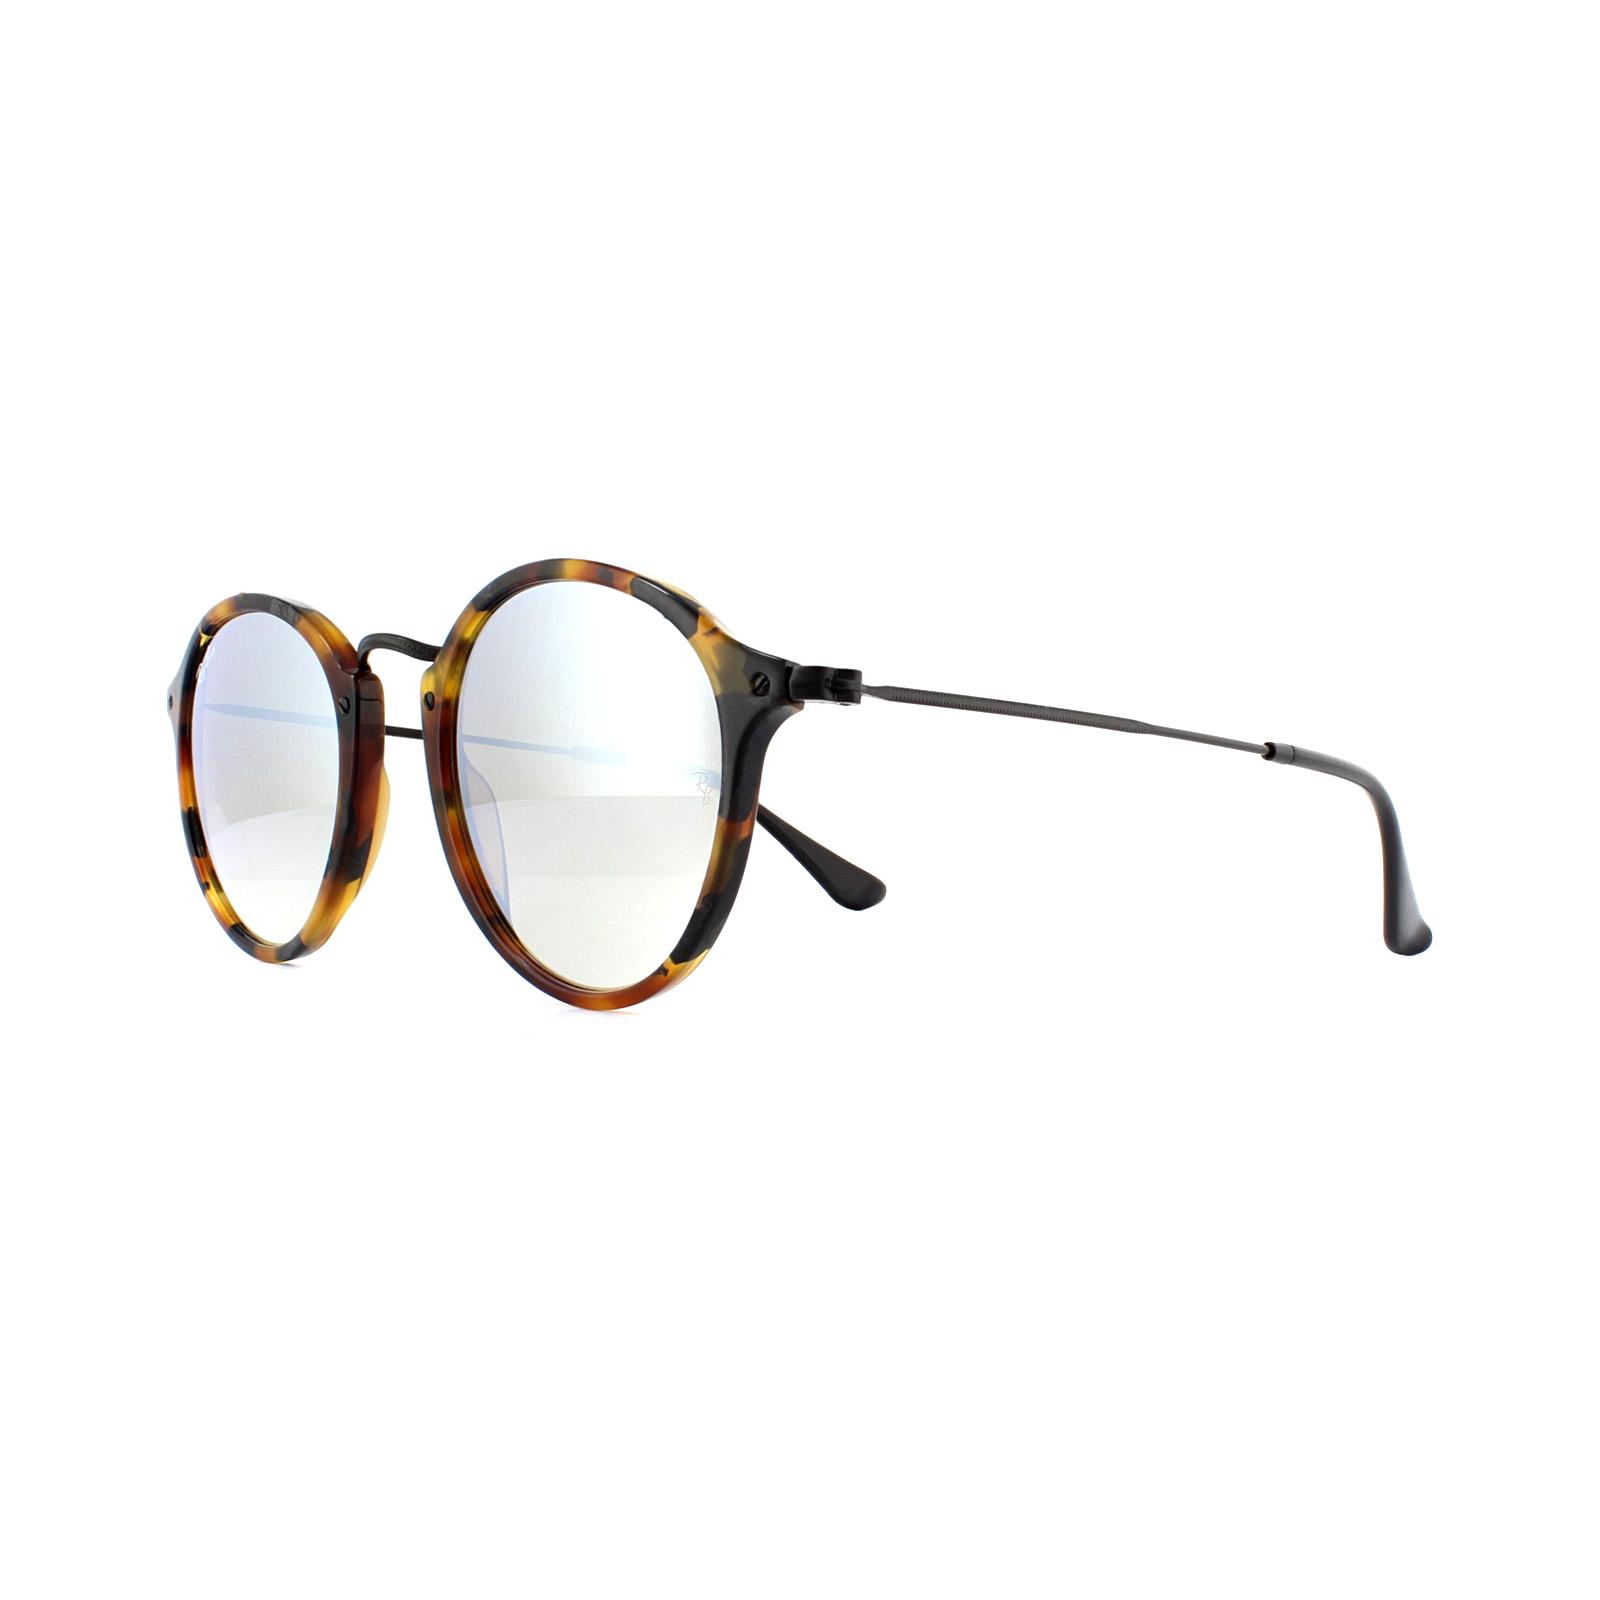 5e38dfaa0d79d CENTINELA Gafas de sol Ray Ban redondas Fleck 2447 11579U la Habana graduado  gris espejo 49mm